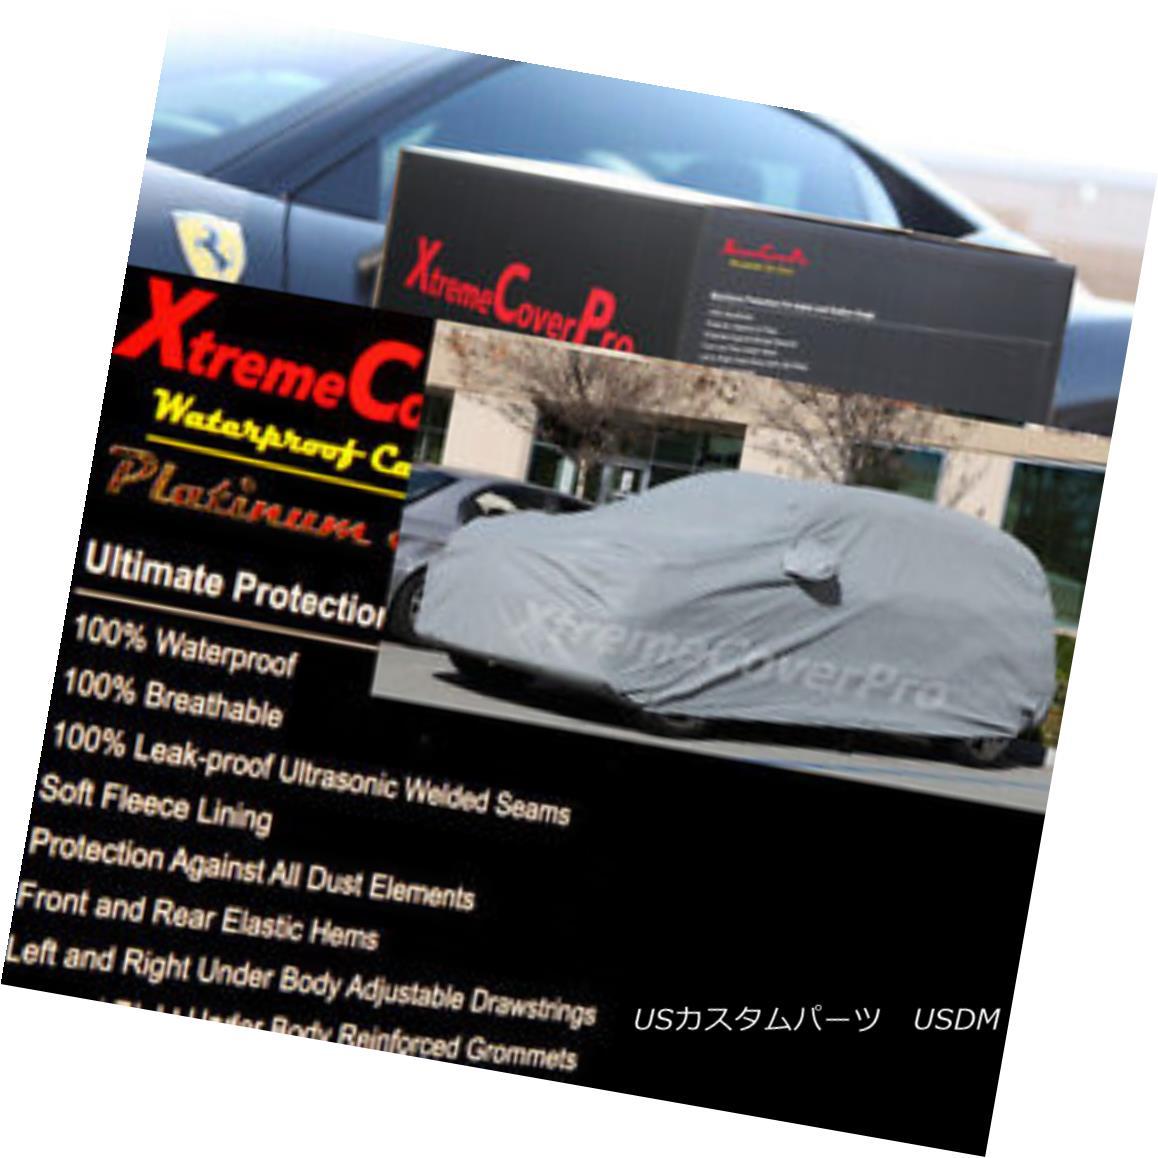 カーカバー 2015 DODGE DURANGO Waterproof Car Cover w/Mirror Pockets - Gray 2015 DODGE DURANGO防水カーカバー付き/ミラーポケット - グレー